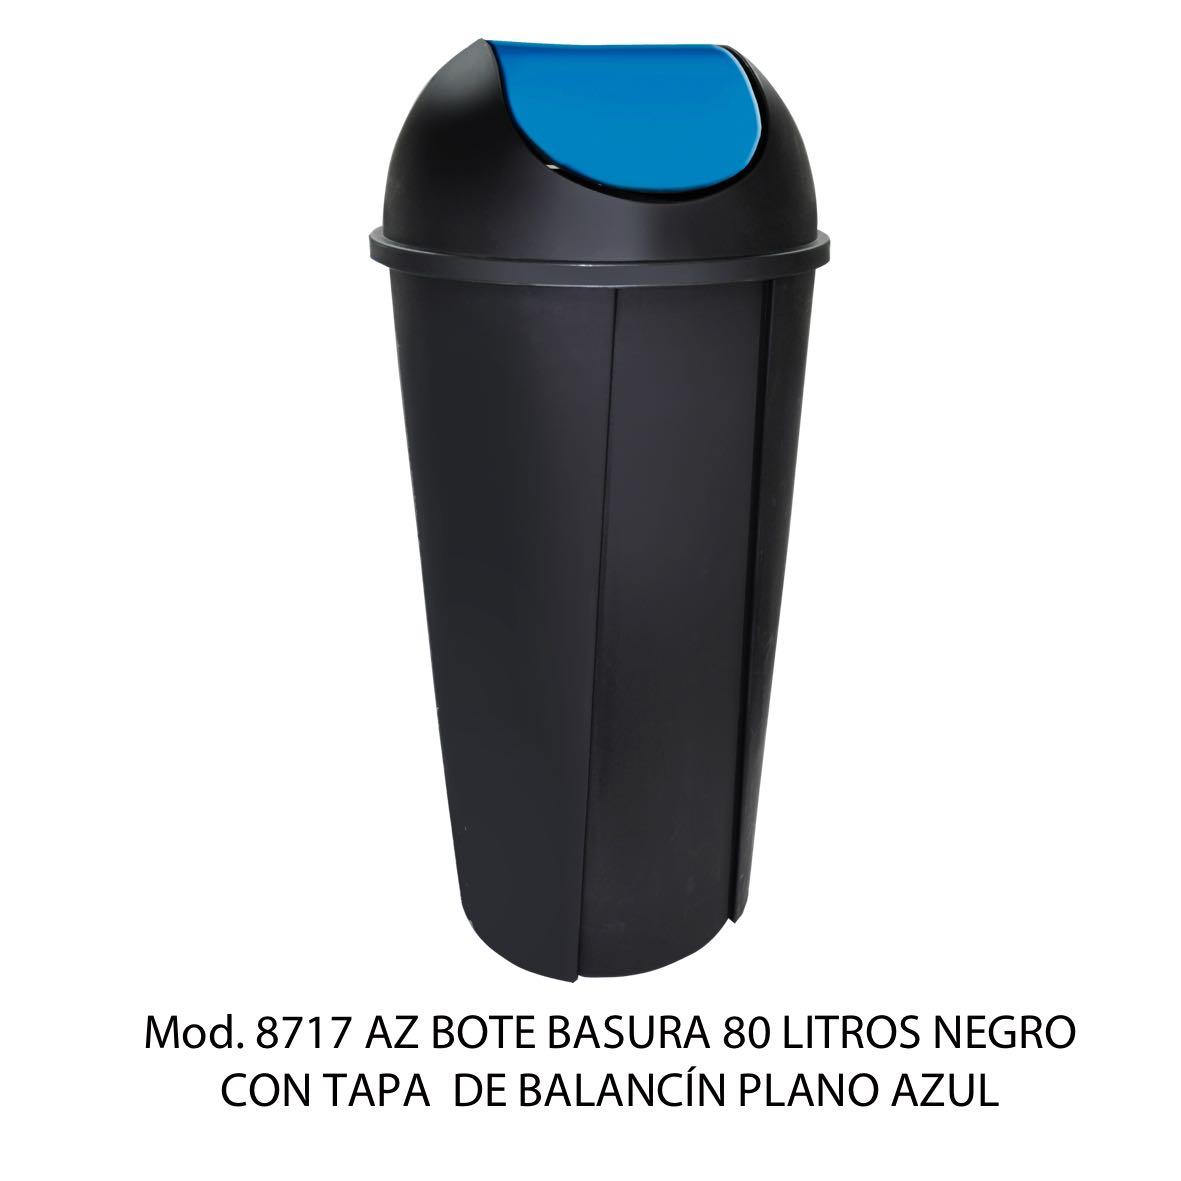 Bote de basura redondo negro de 80 litros con tapa azul tipo balancín liso modelo 8717 AZ Sablón